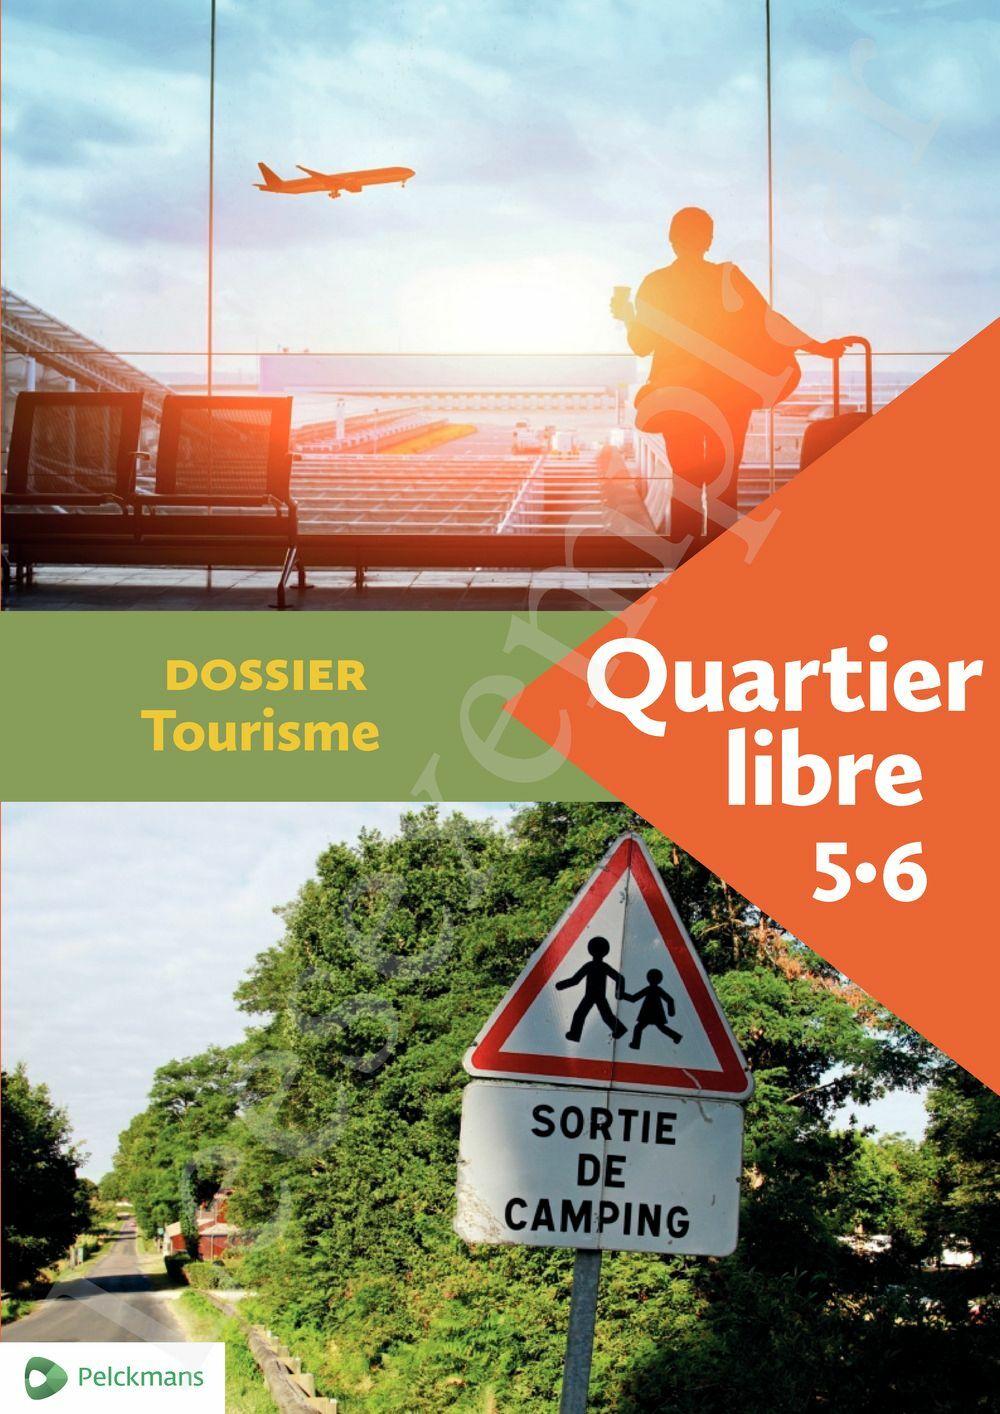 Preview: Quartier libre 5 / 6 Dossier Tourisme